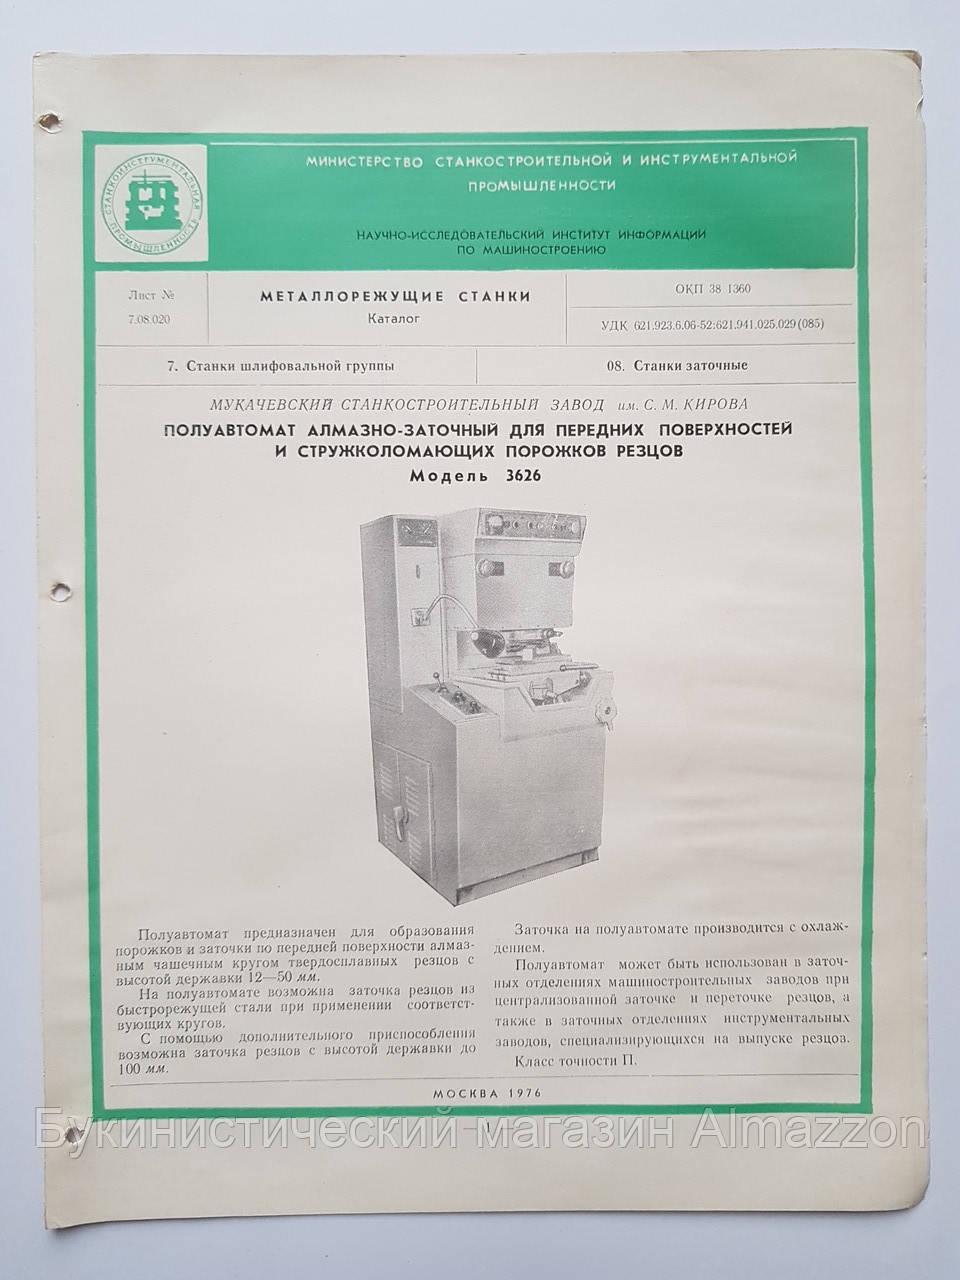 Журнал (Бюллетень) Полуавтомат алмазно-заточный для передних поверхностей и стружколомающих порожков резцов